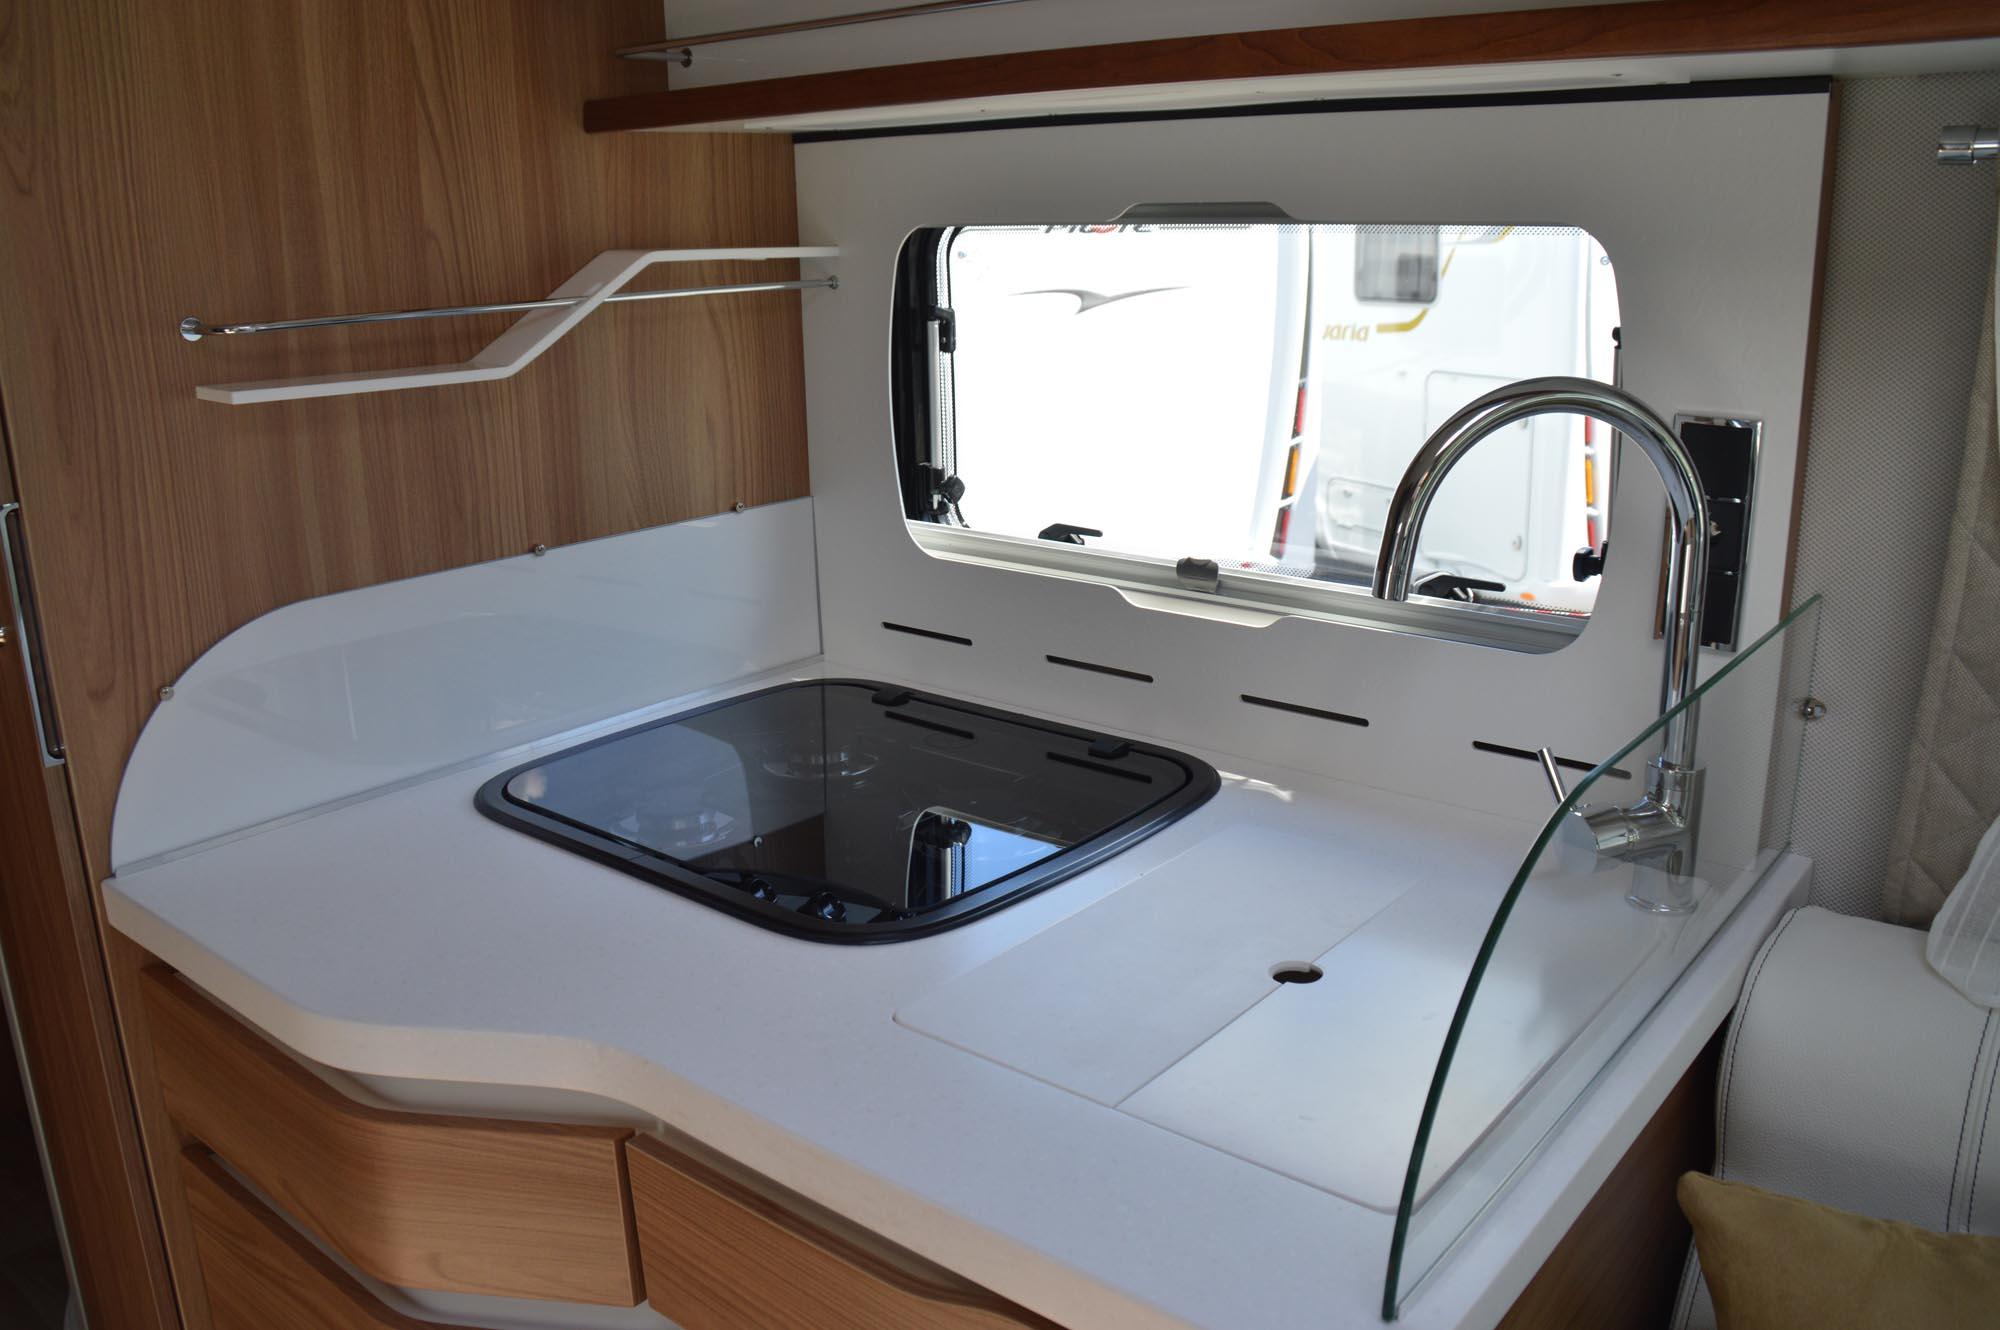 lv8 5cf le voyageur. Black Bedroom Furniture Sets. Home Design Ideas